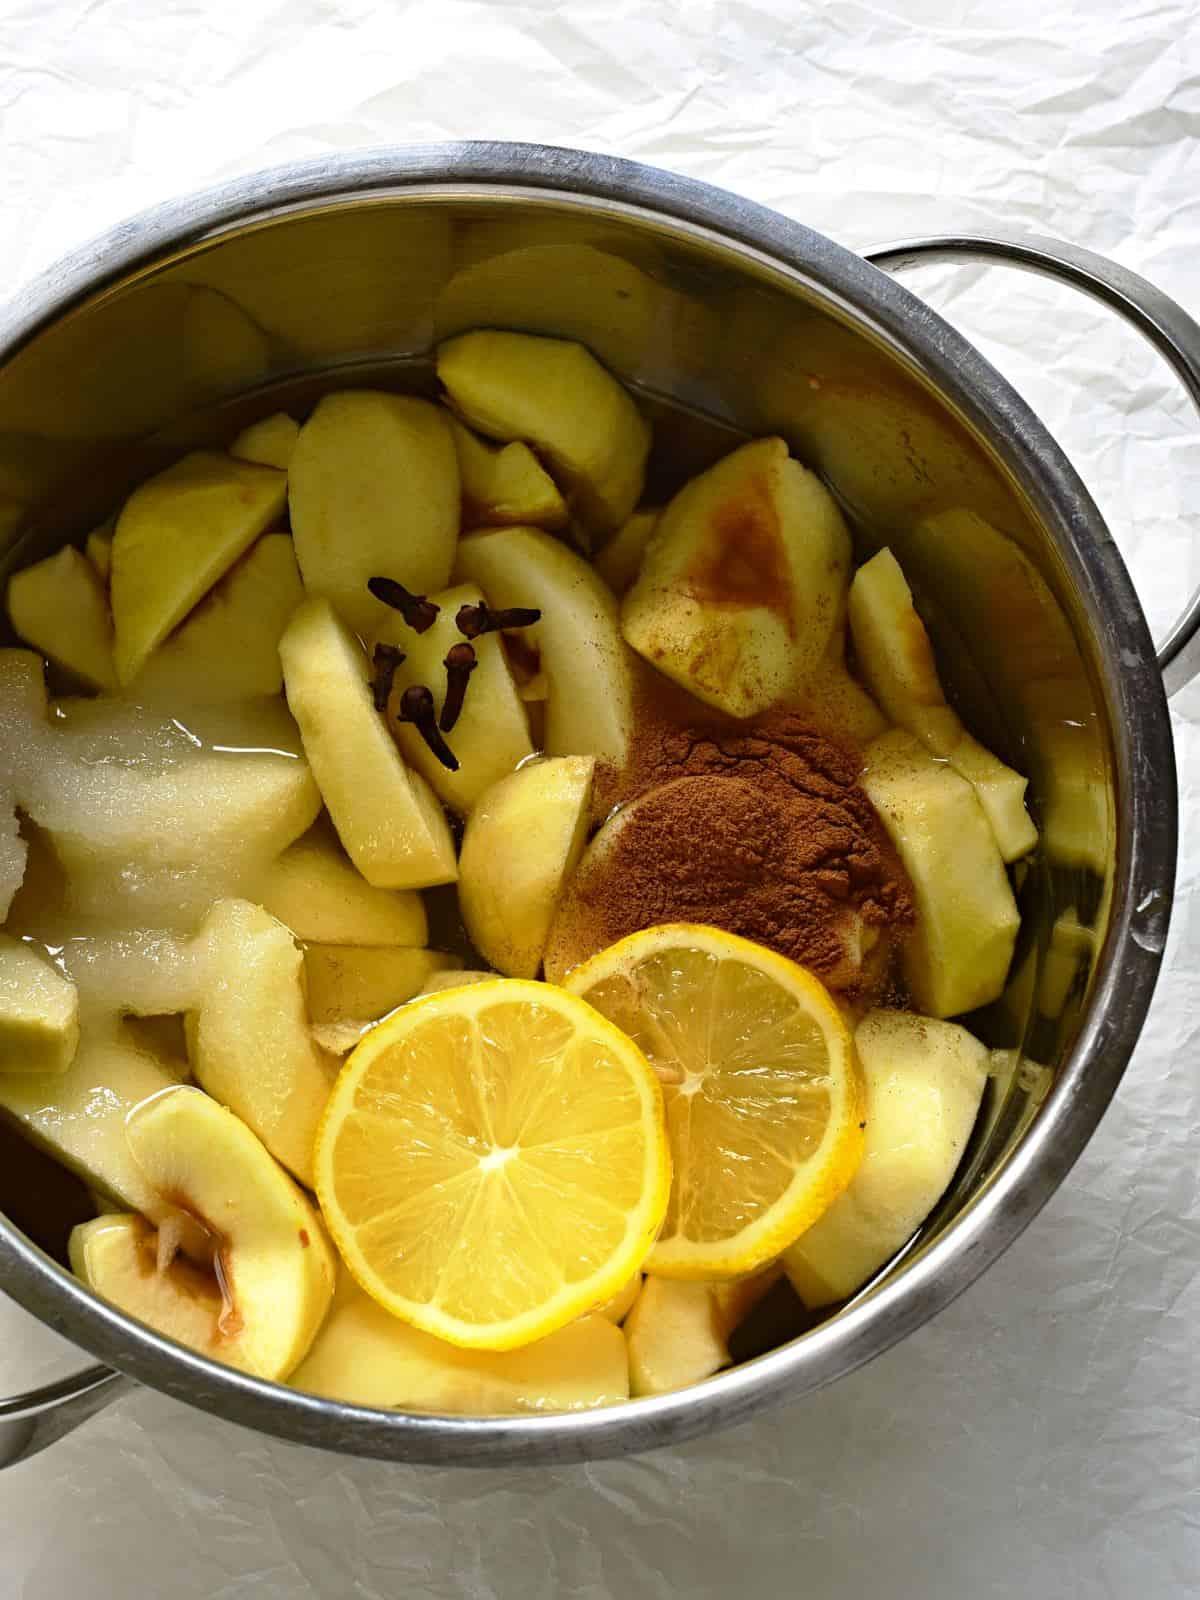 Apfelkompott mit Zimt, Nelken und Zitrone selber machen.